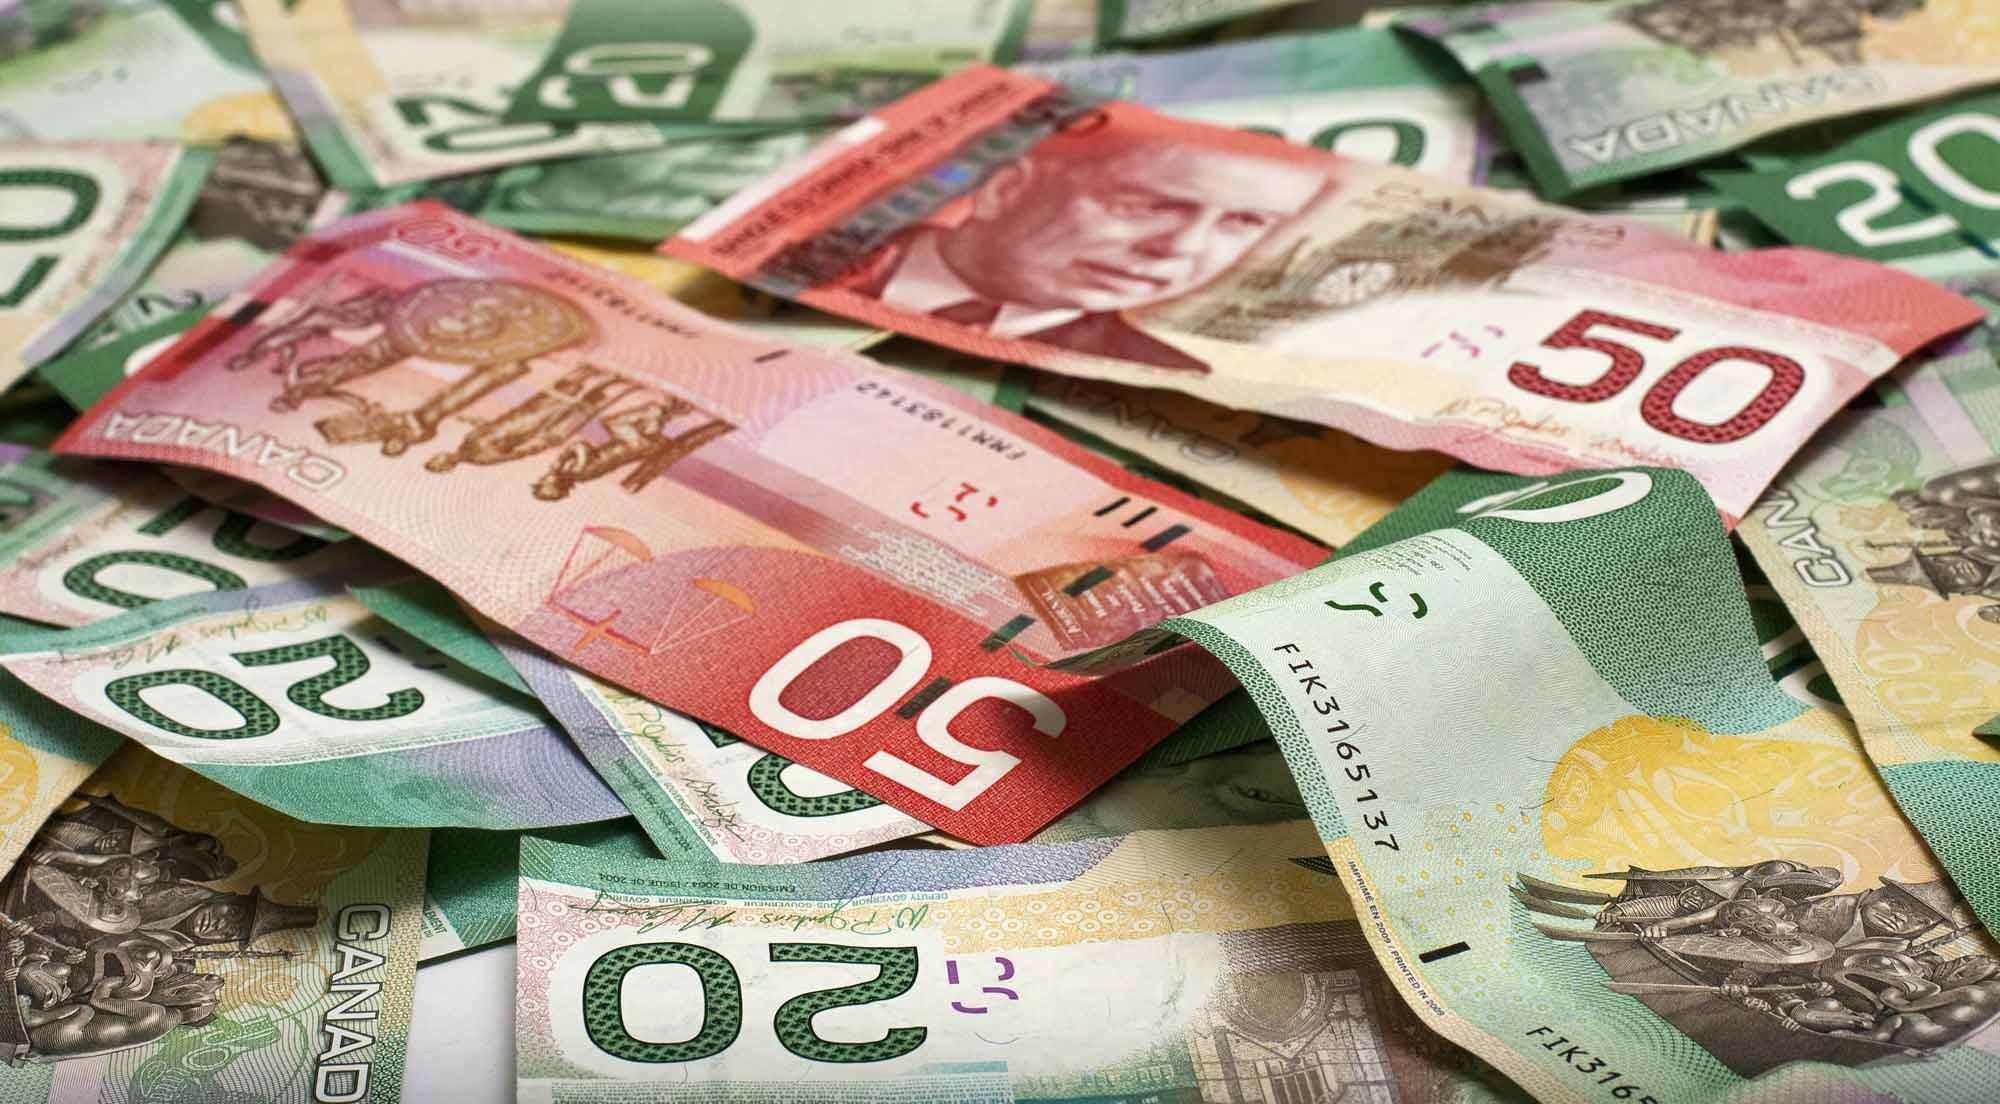 زوج الدولار الأمريكي مقابل الدولار الكندي يهبط دون مستوى 1.31 دولار